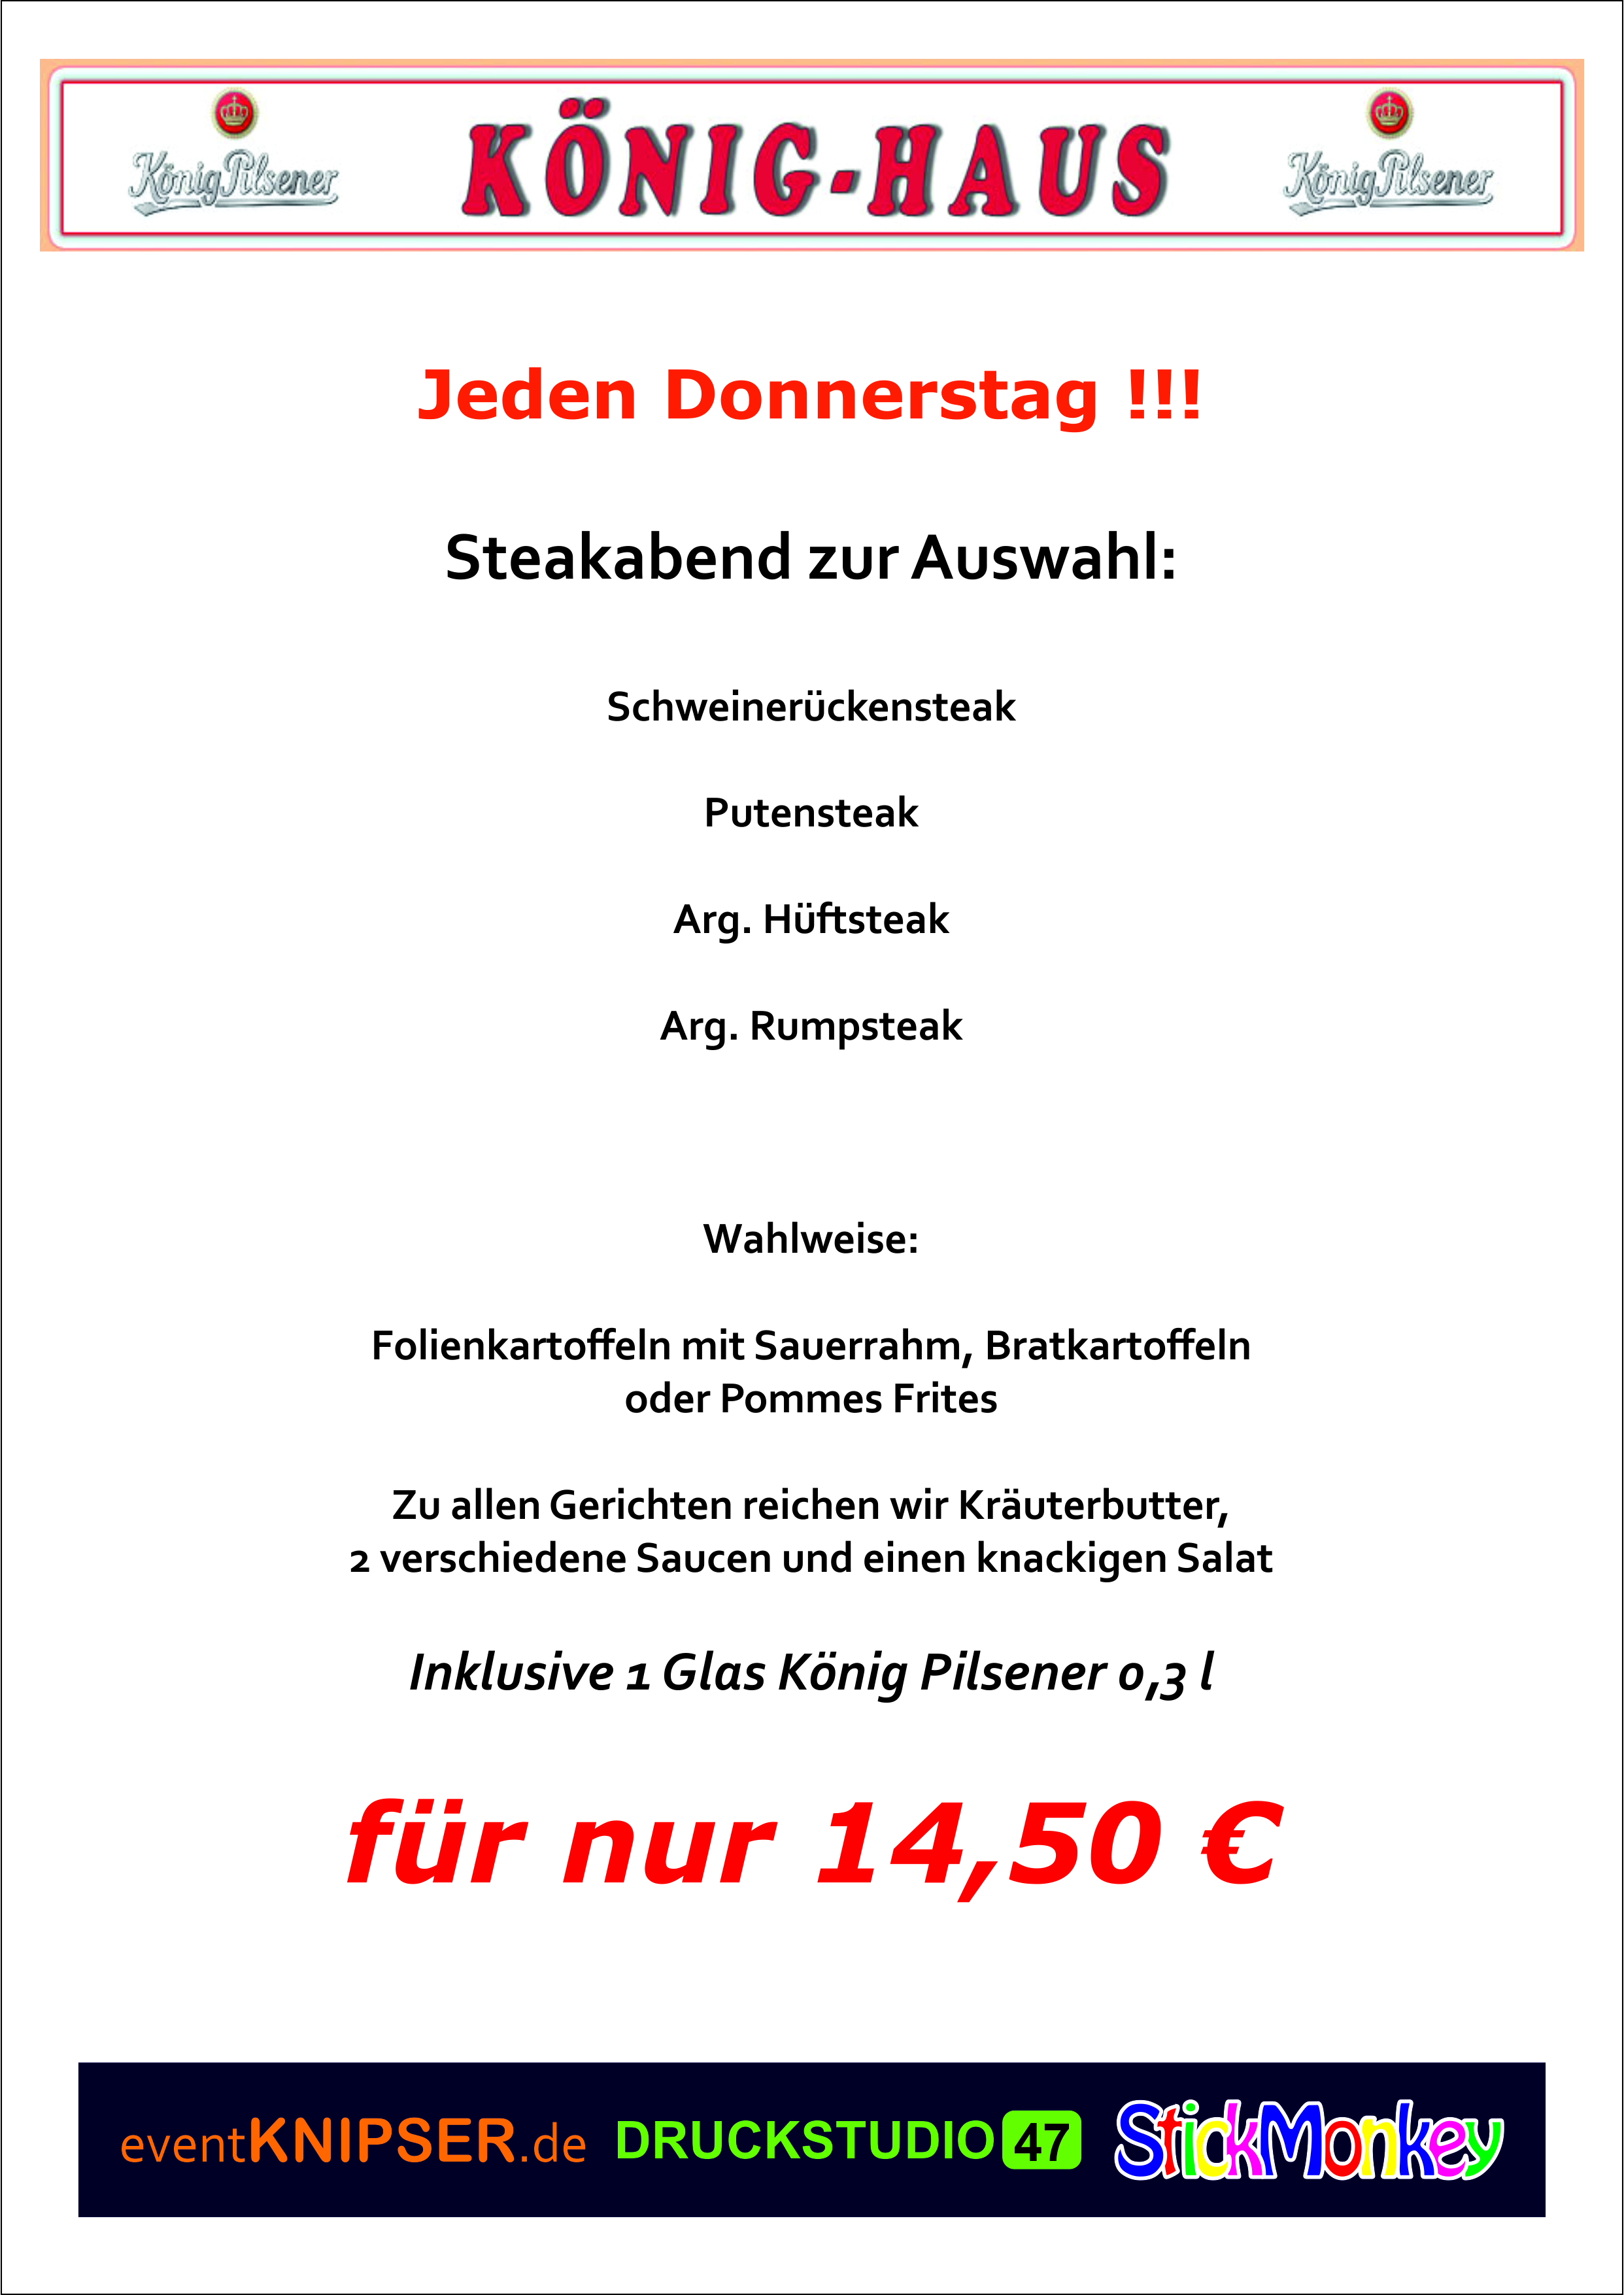 Getränke - König-Haus Duisburg - Wallasch Gastro GmbH